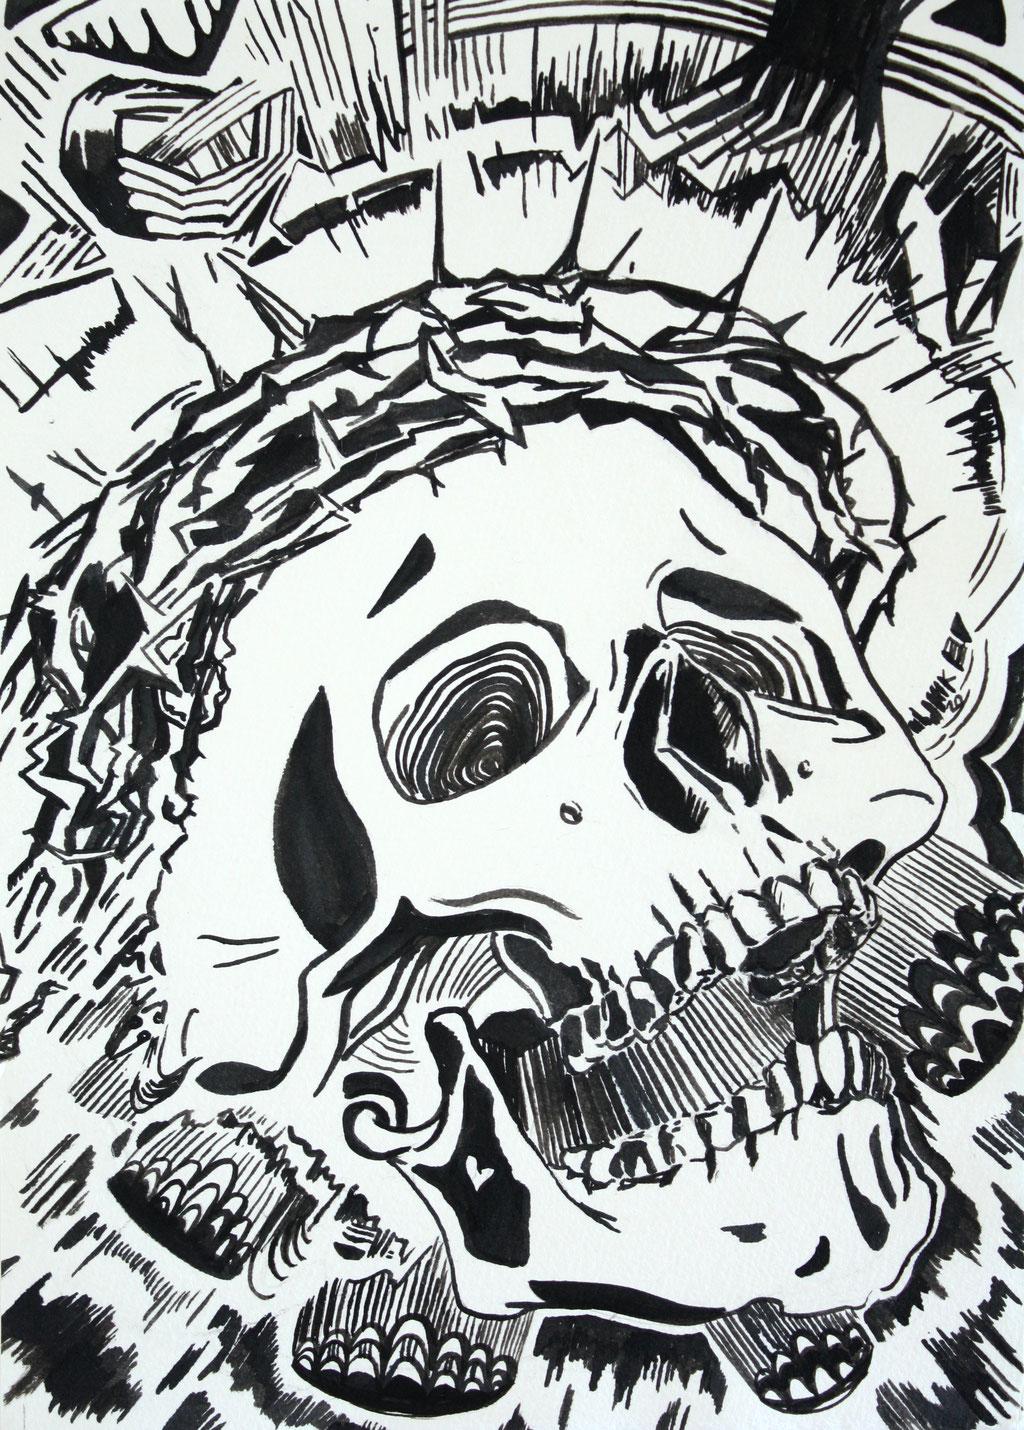 Sacrifice II, 2020, Tusche auf Papier, 17 x 24 cm